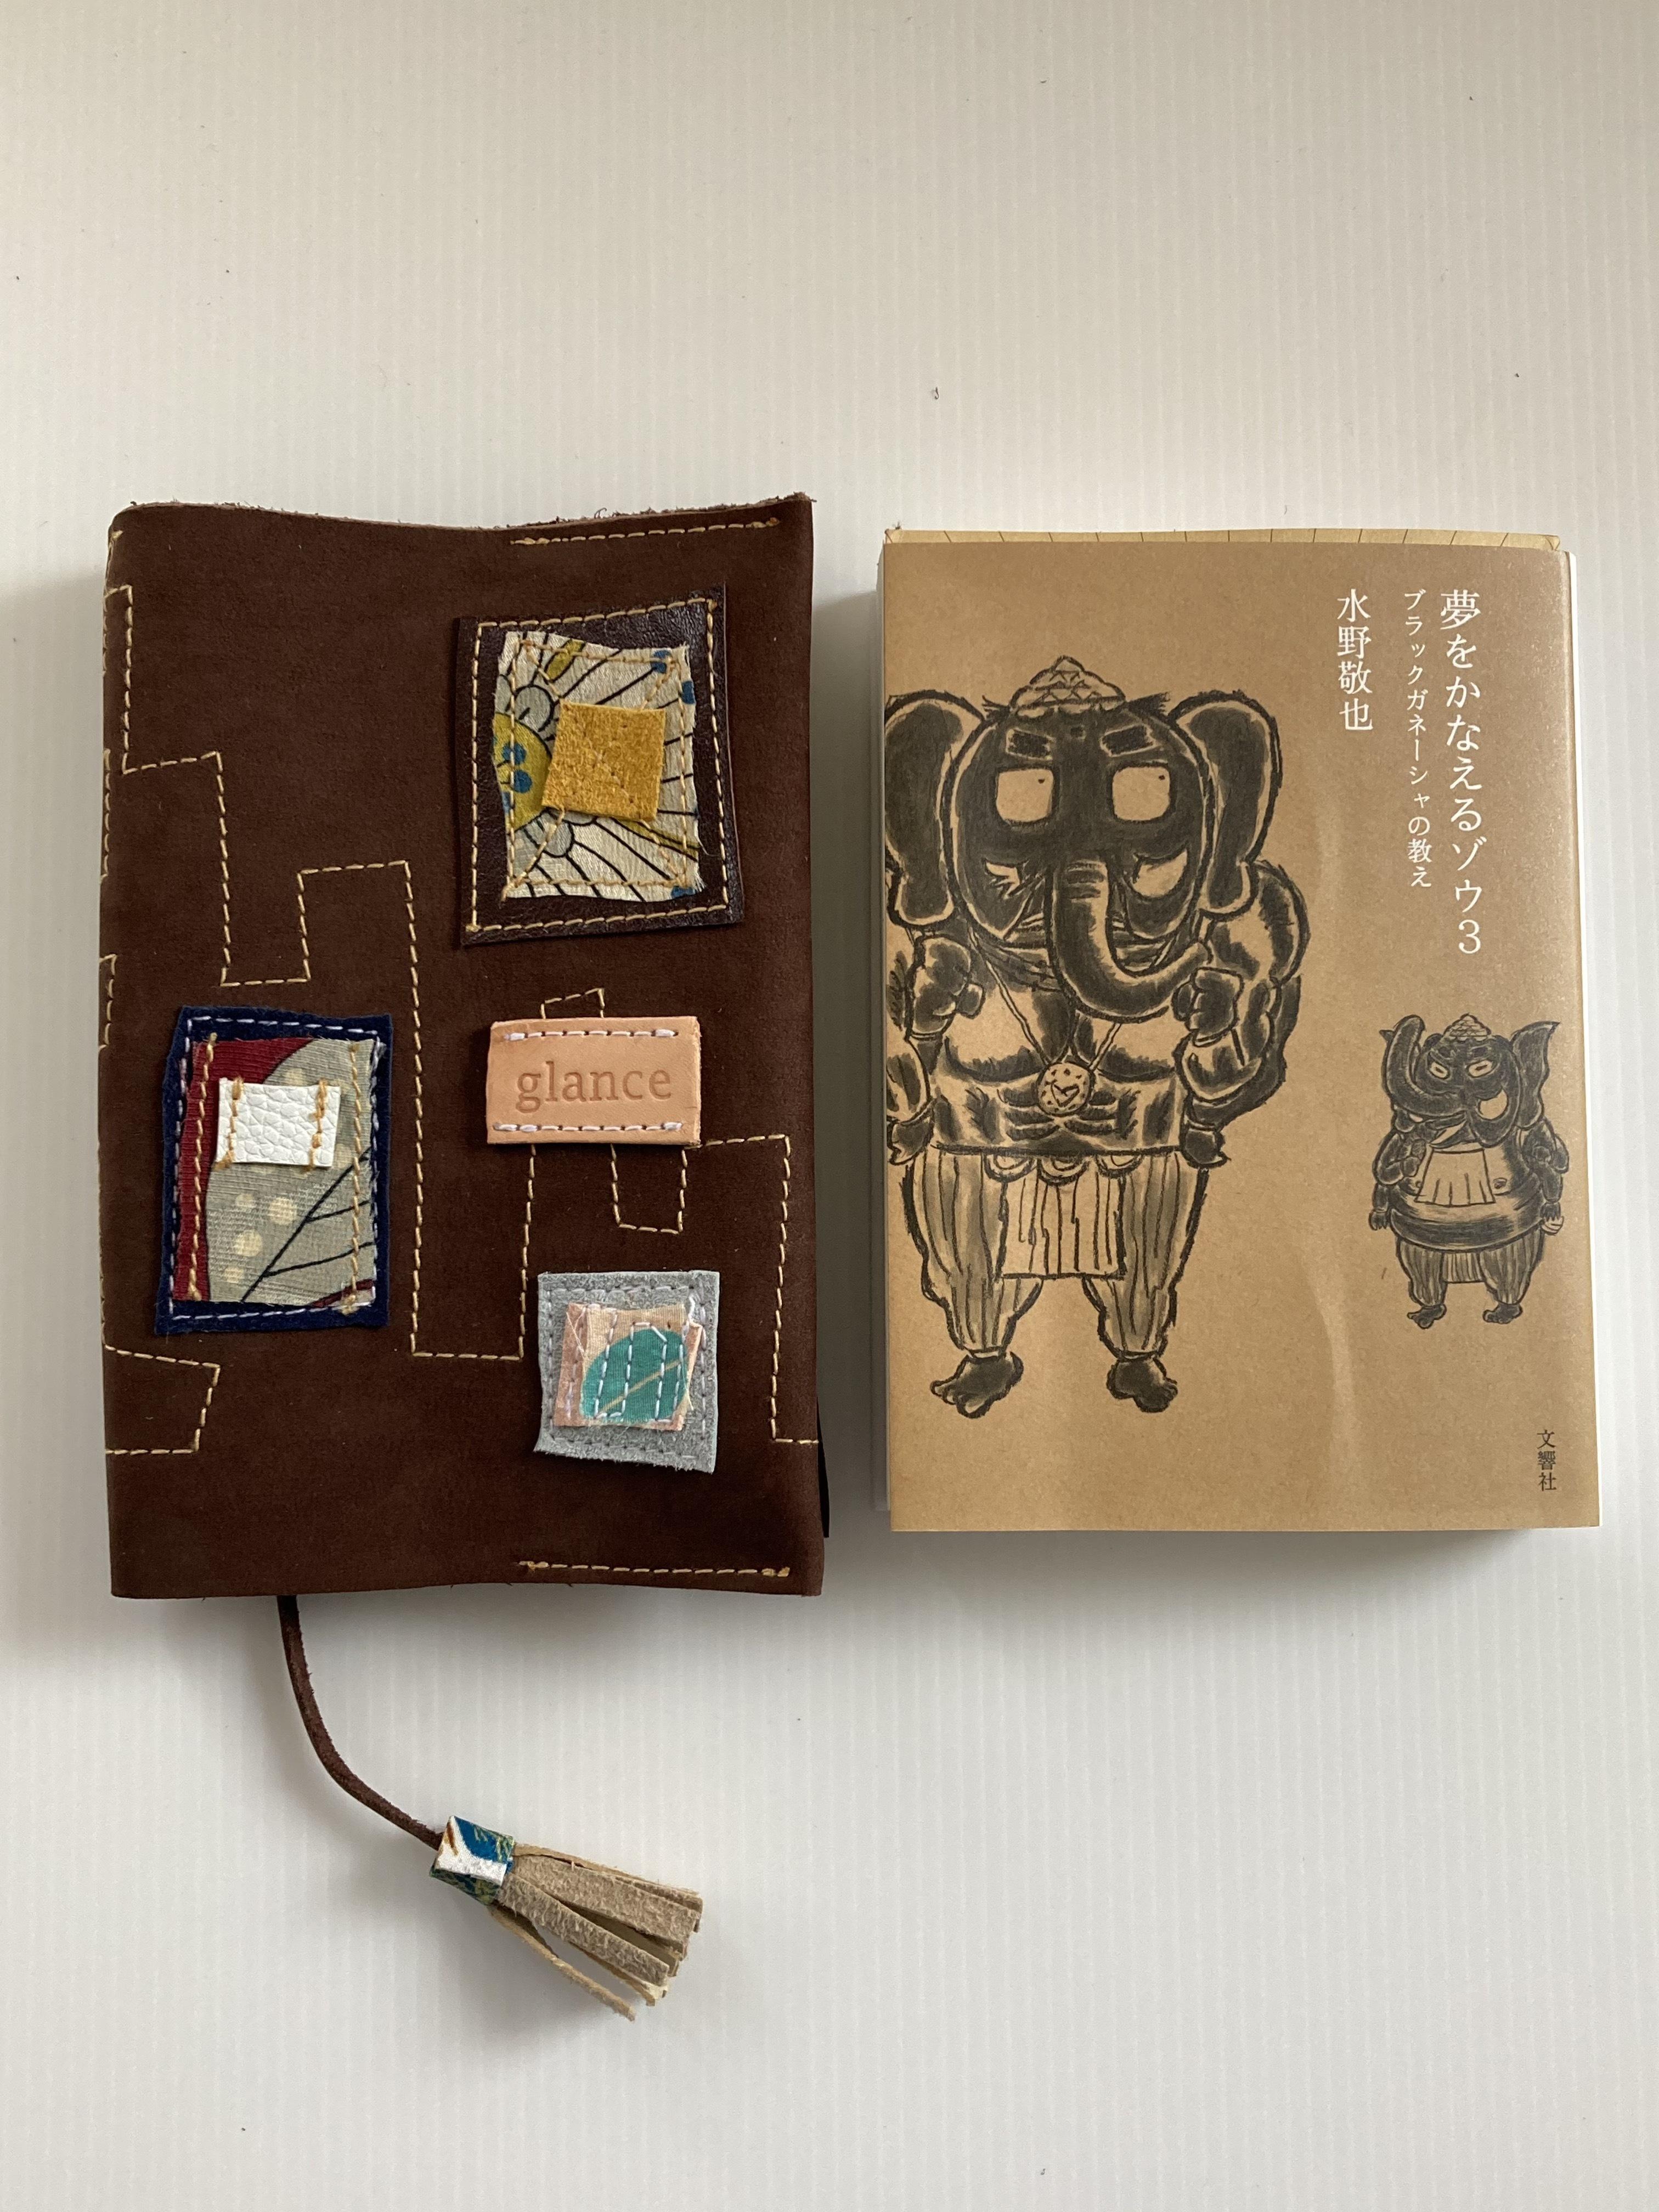 tugihagi ブックカバー 本革と古布 □-3